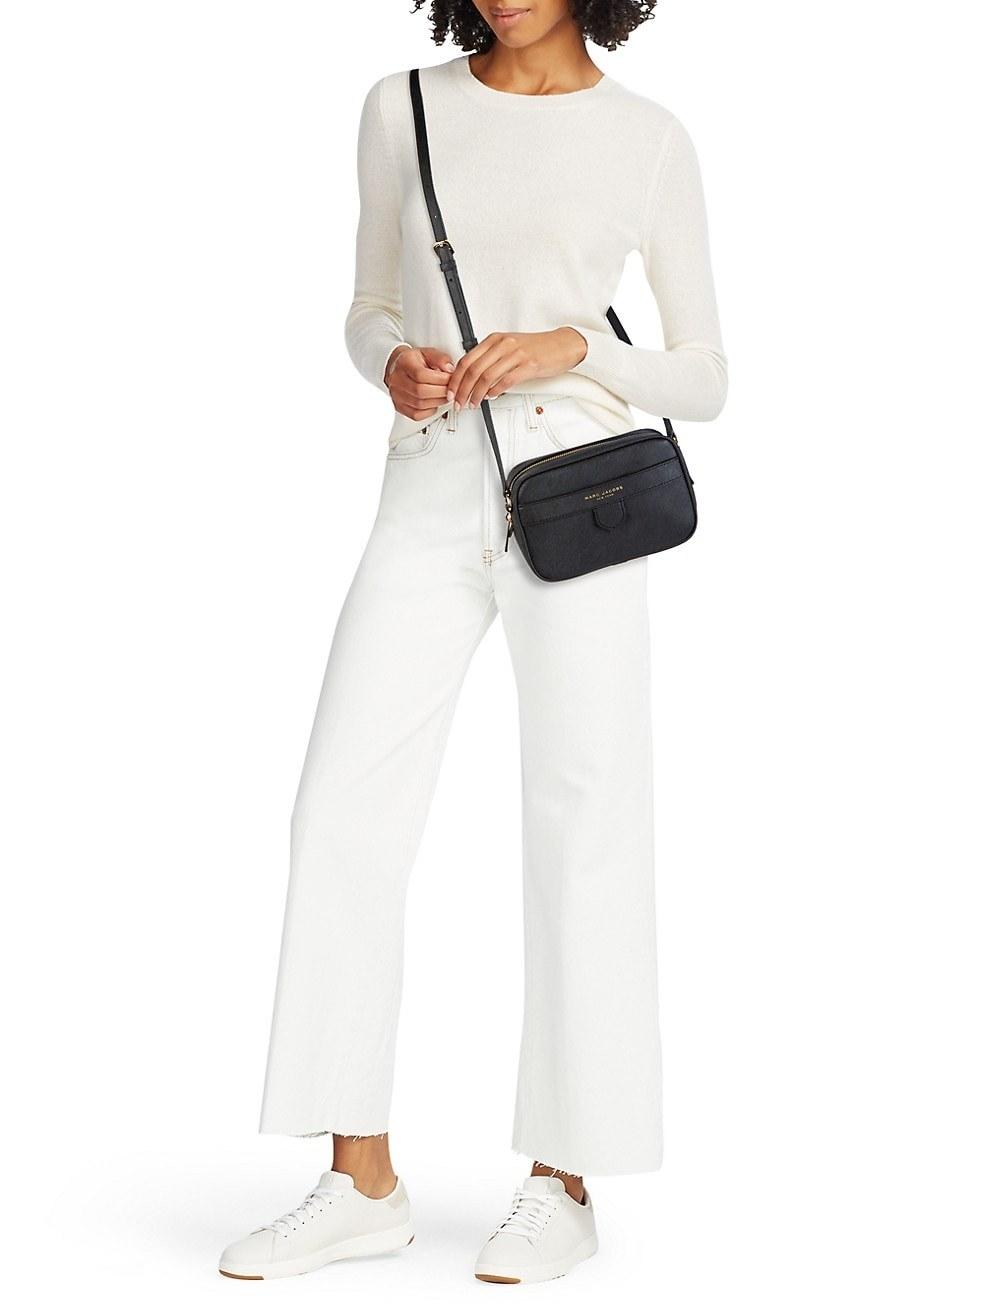 Model in the black bag